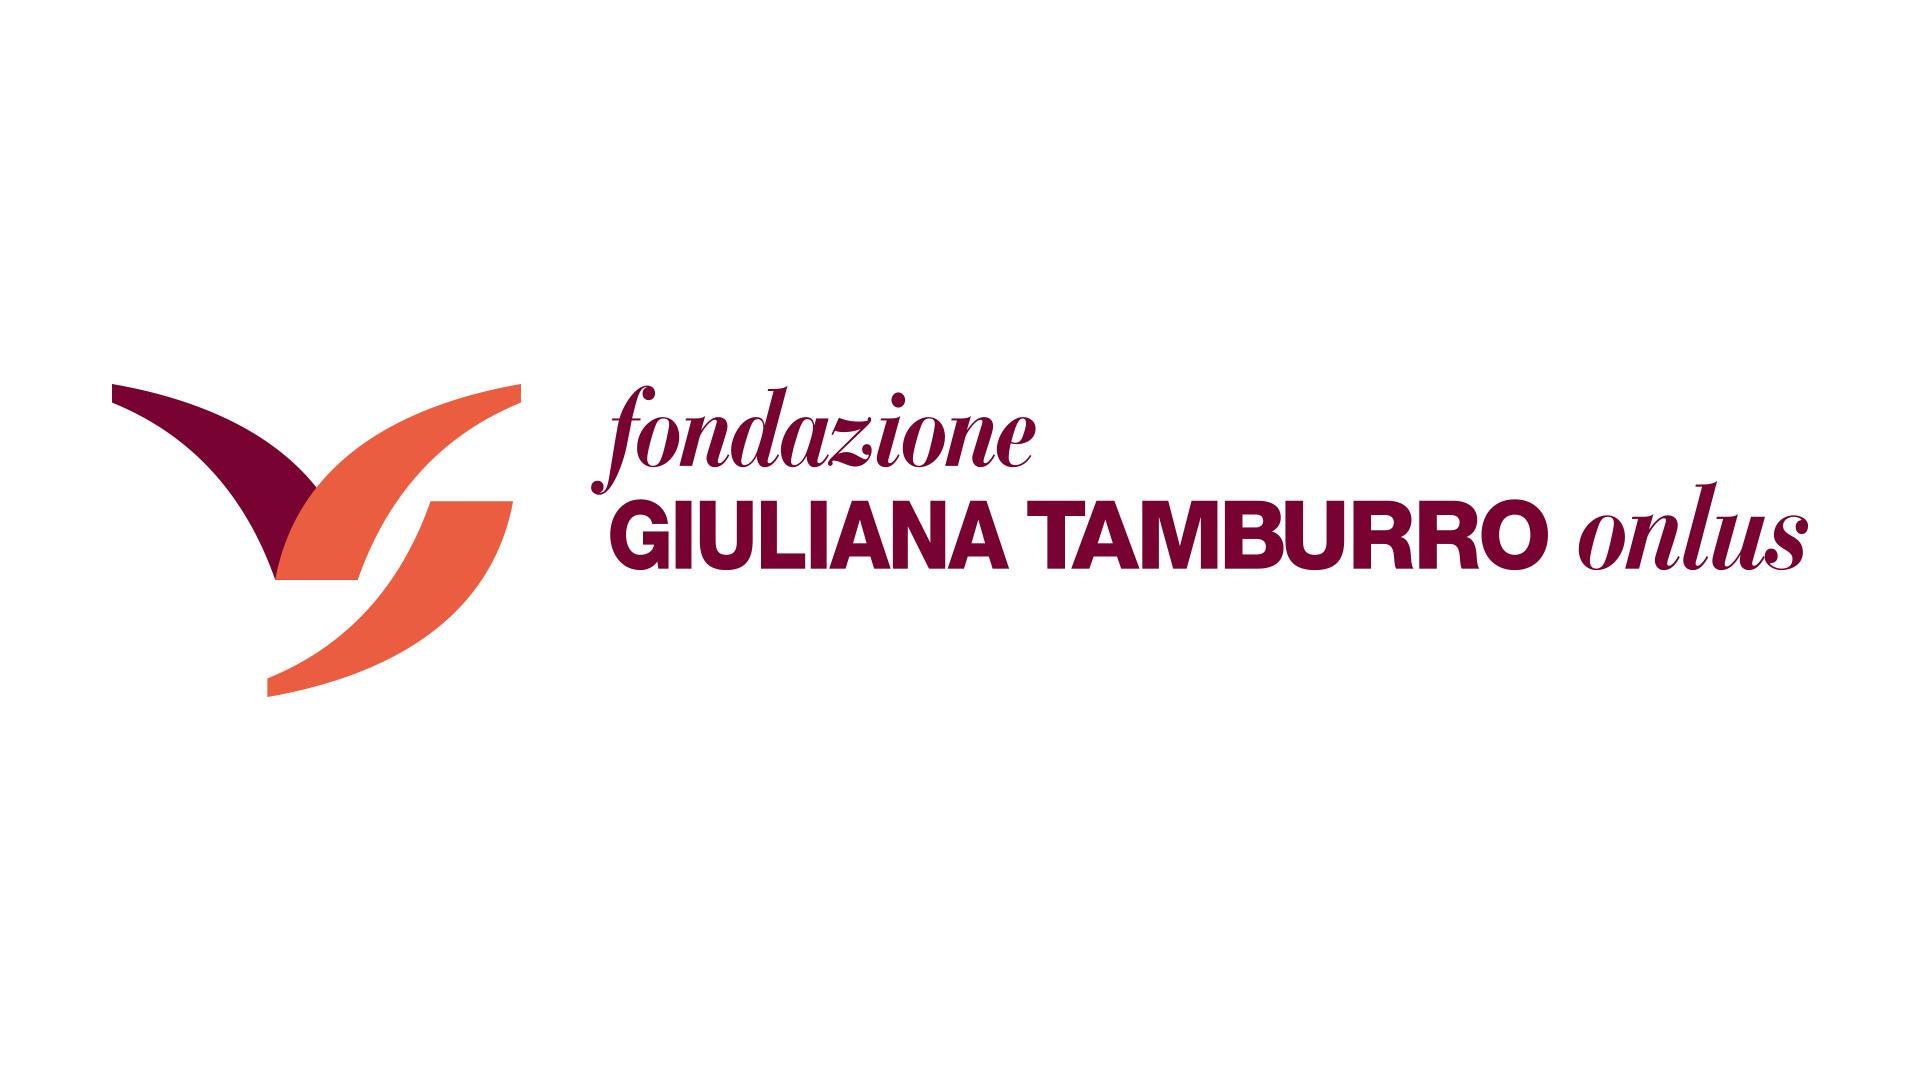 Logo Fondazione Giuliana Tamburro Onlus. Biancolapis. Design per la Comunicazione